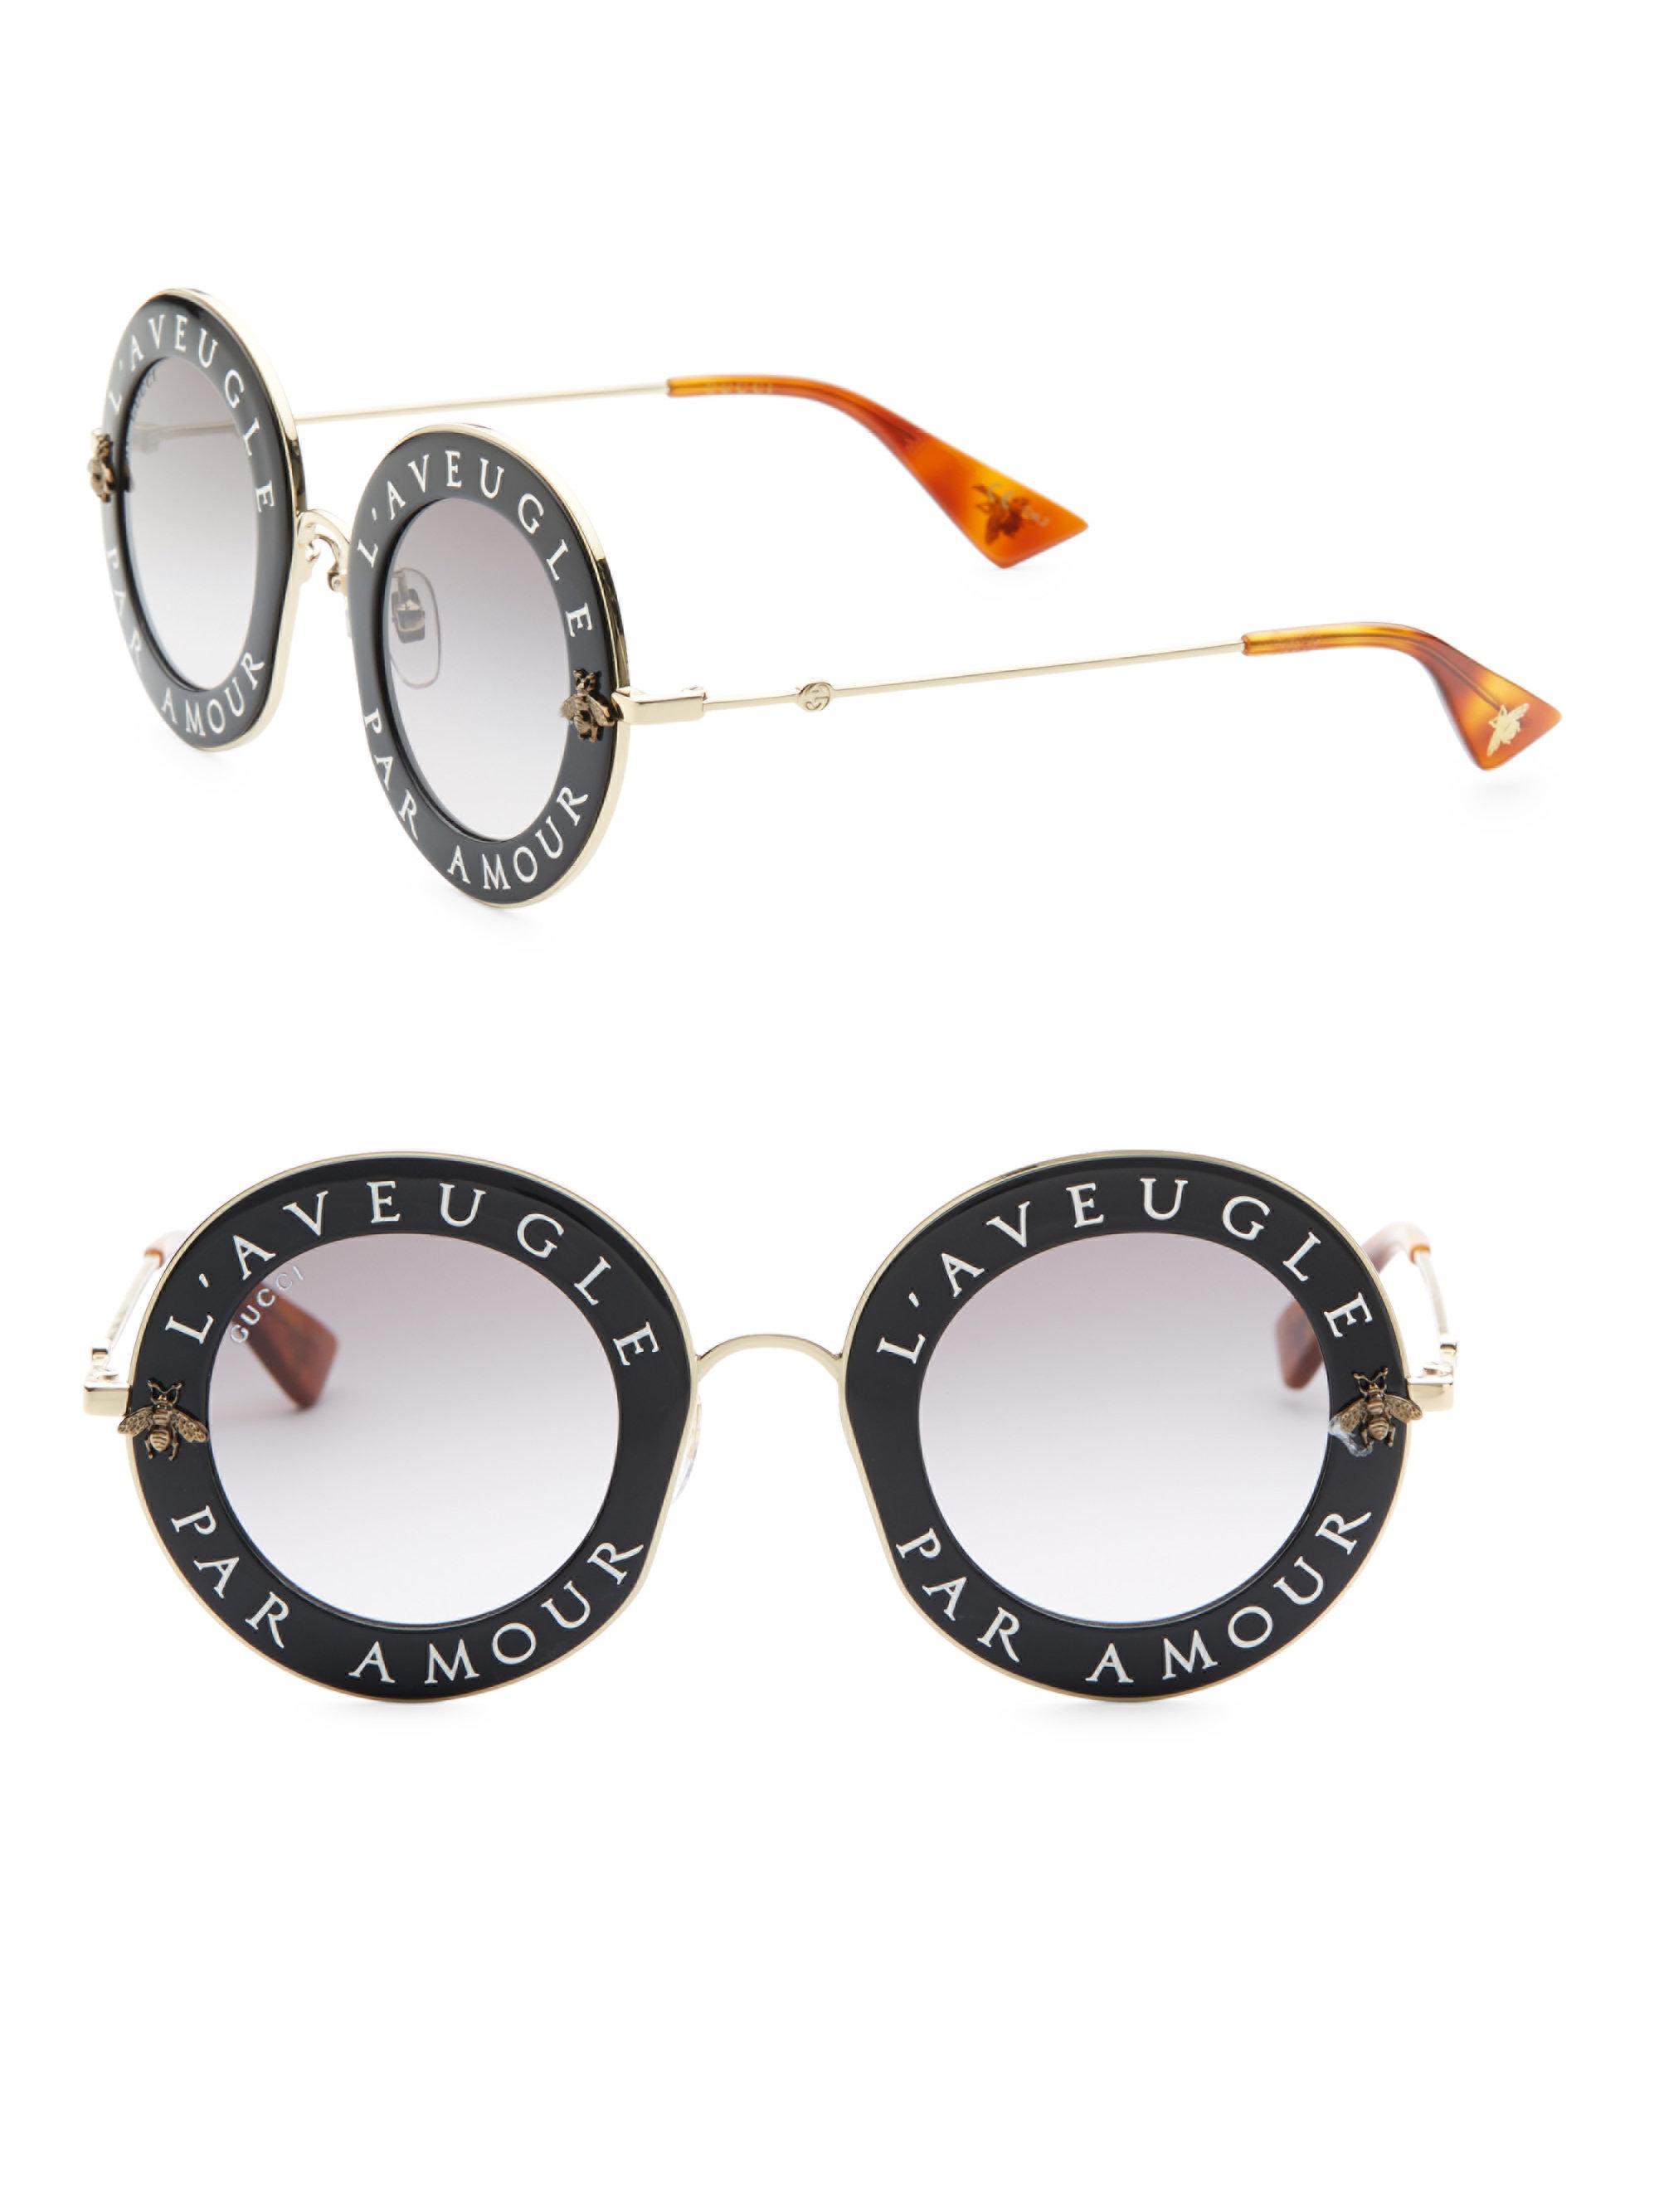 8d33de95cf2 Lyst - Gucci 44mm L aveugle Par Amour Round Sunglasses in Black